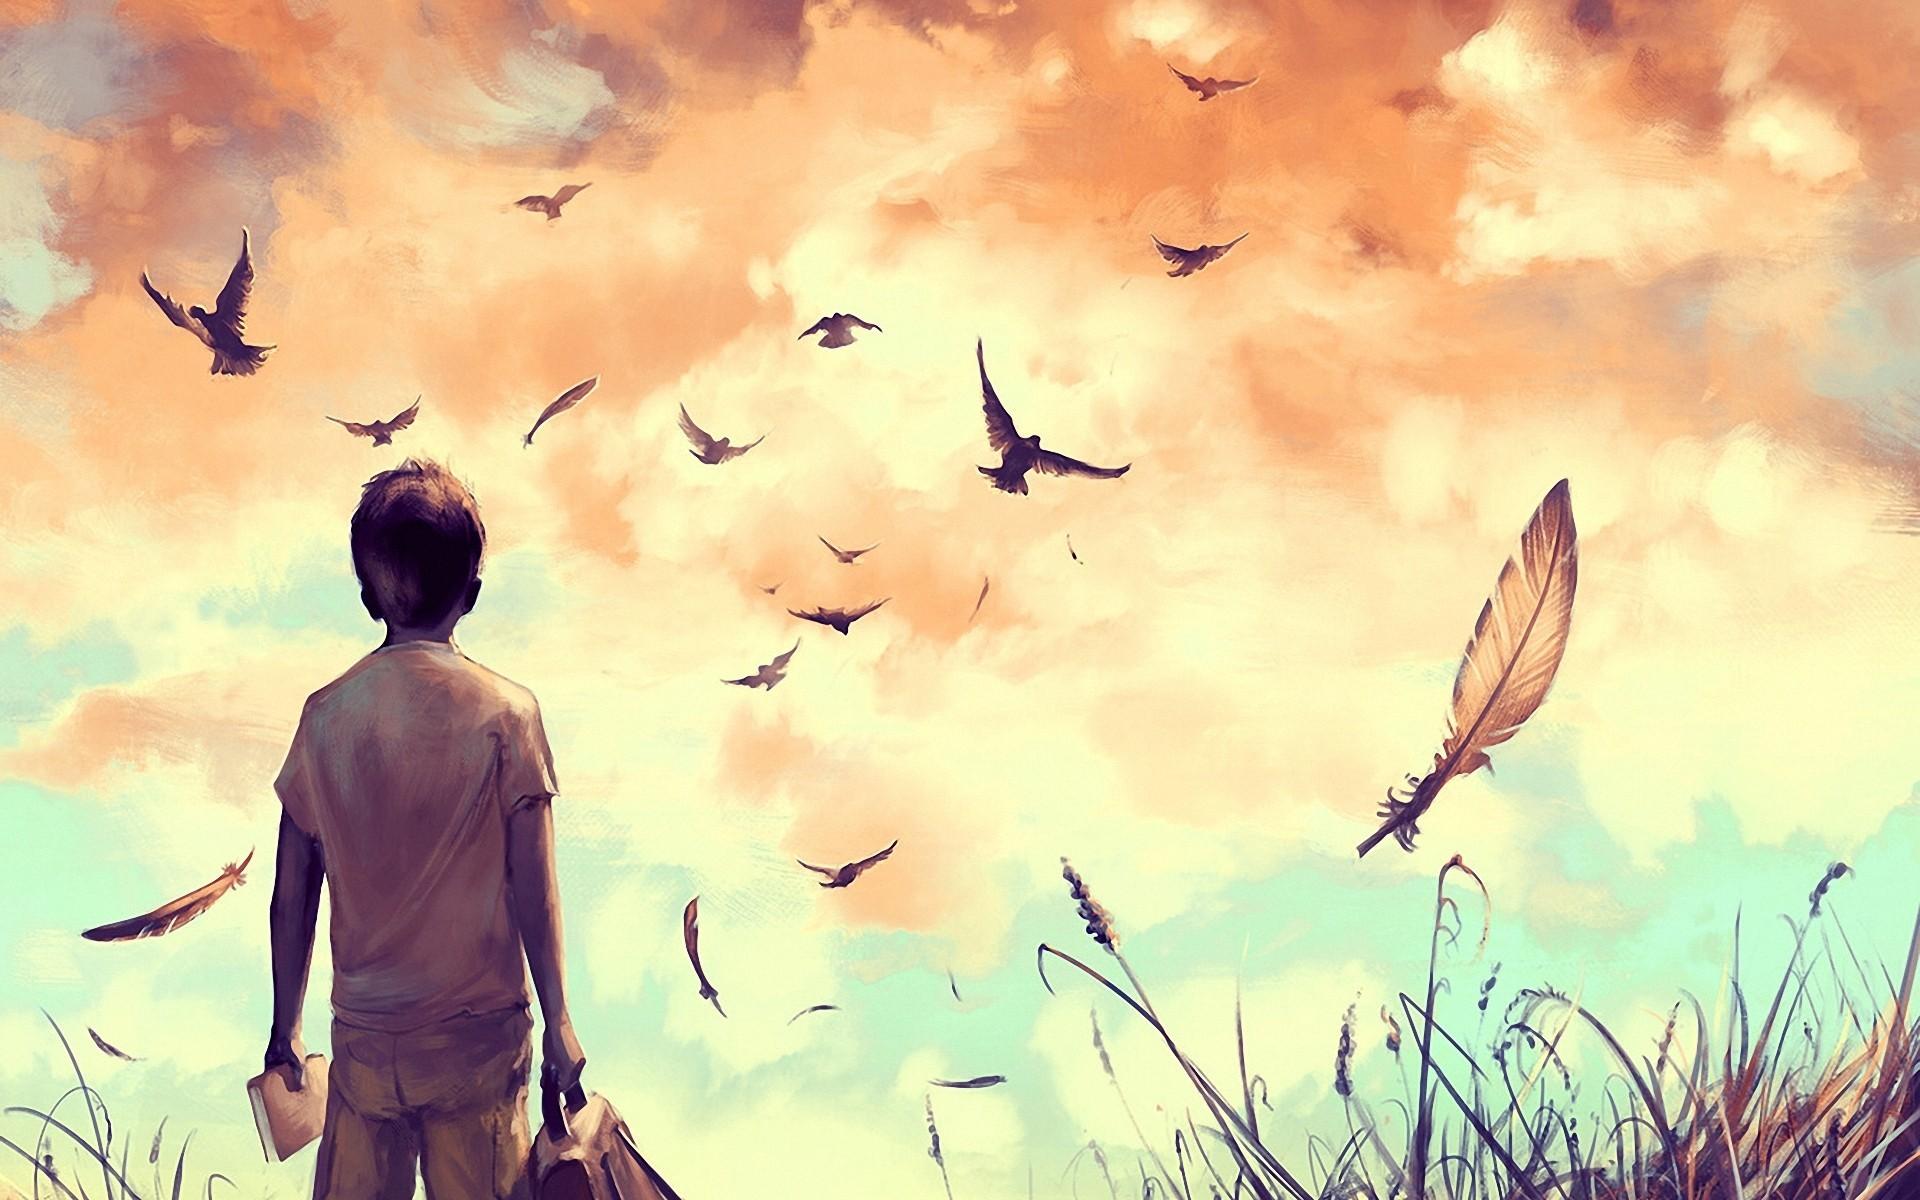 картинка мечтатели одиноки грех